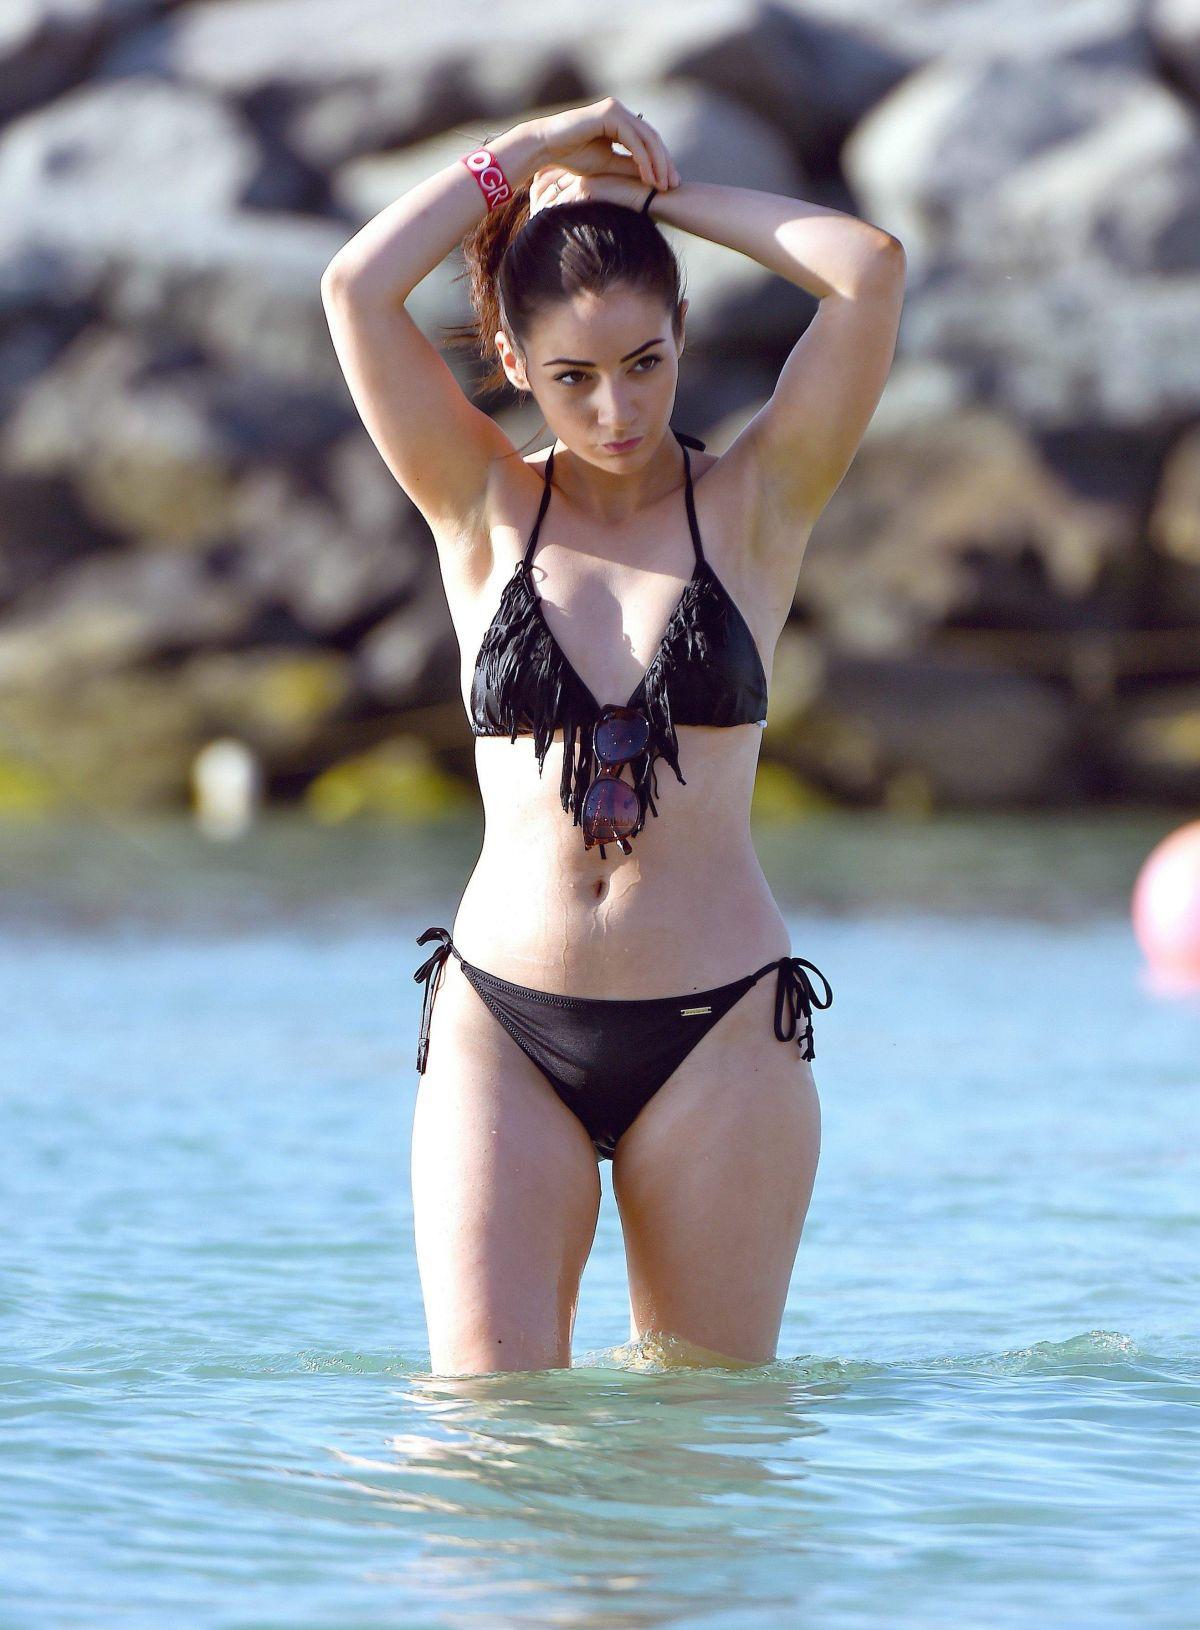 Bikini tian jing Adriana Lima